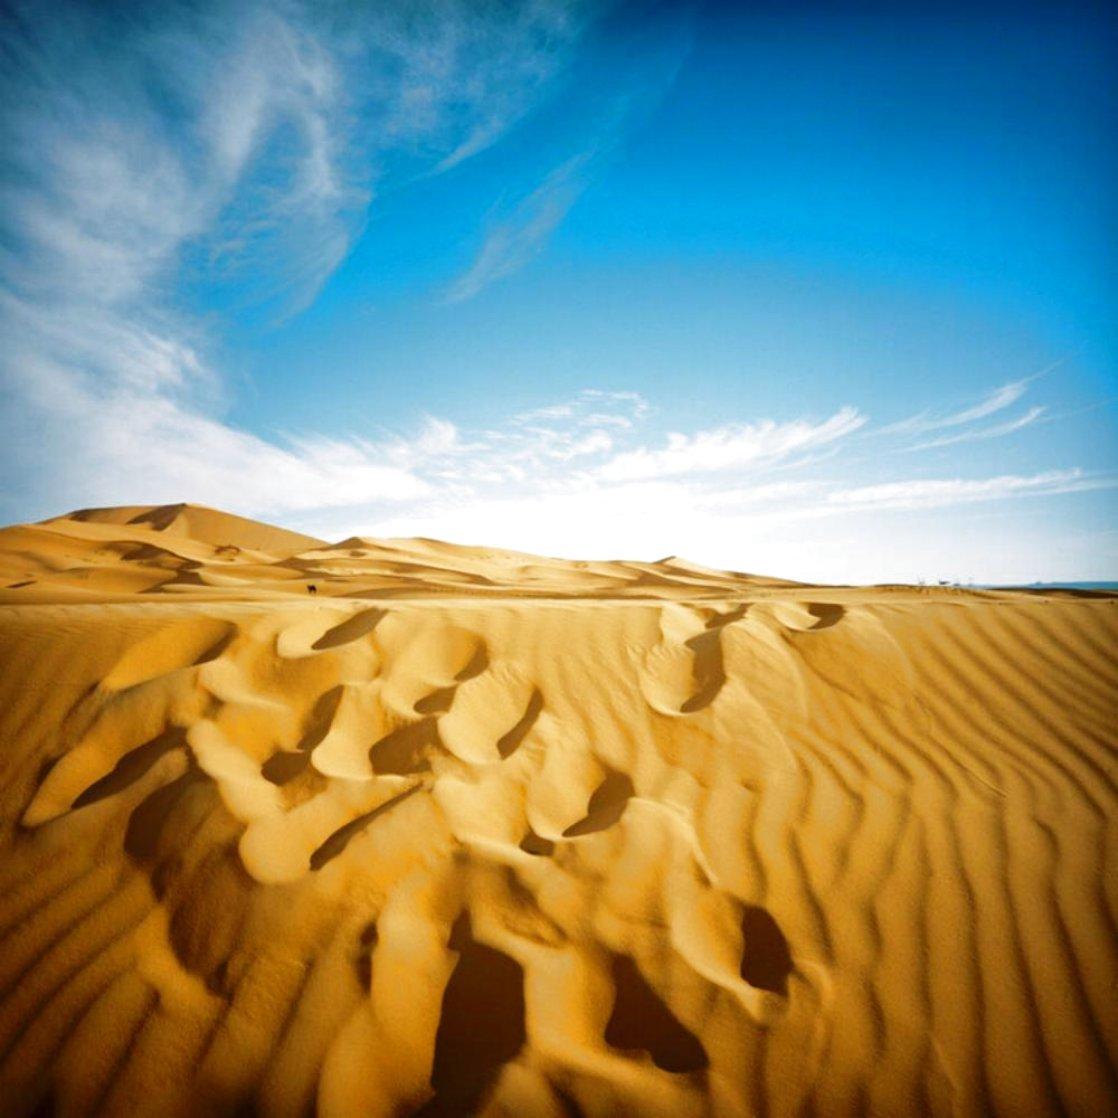 Sahara, Morocco 2019 Photography by Adi Tarkay